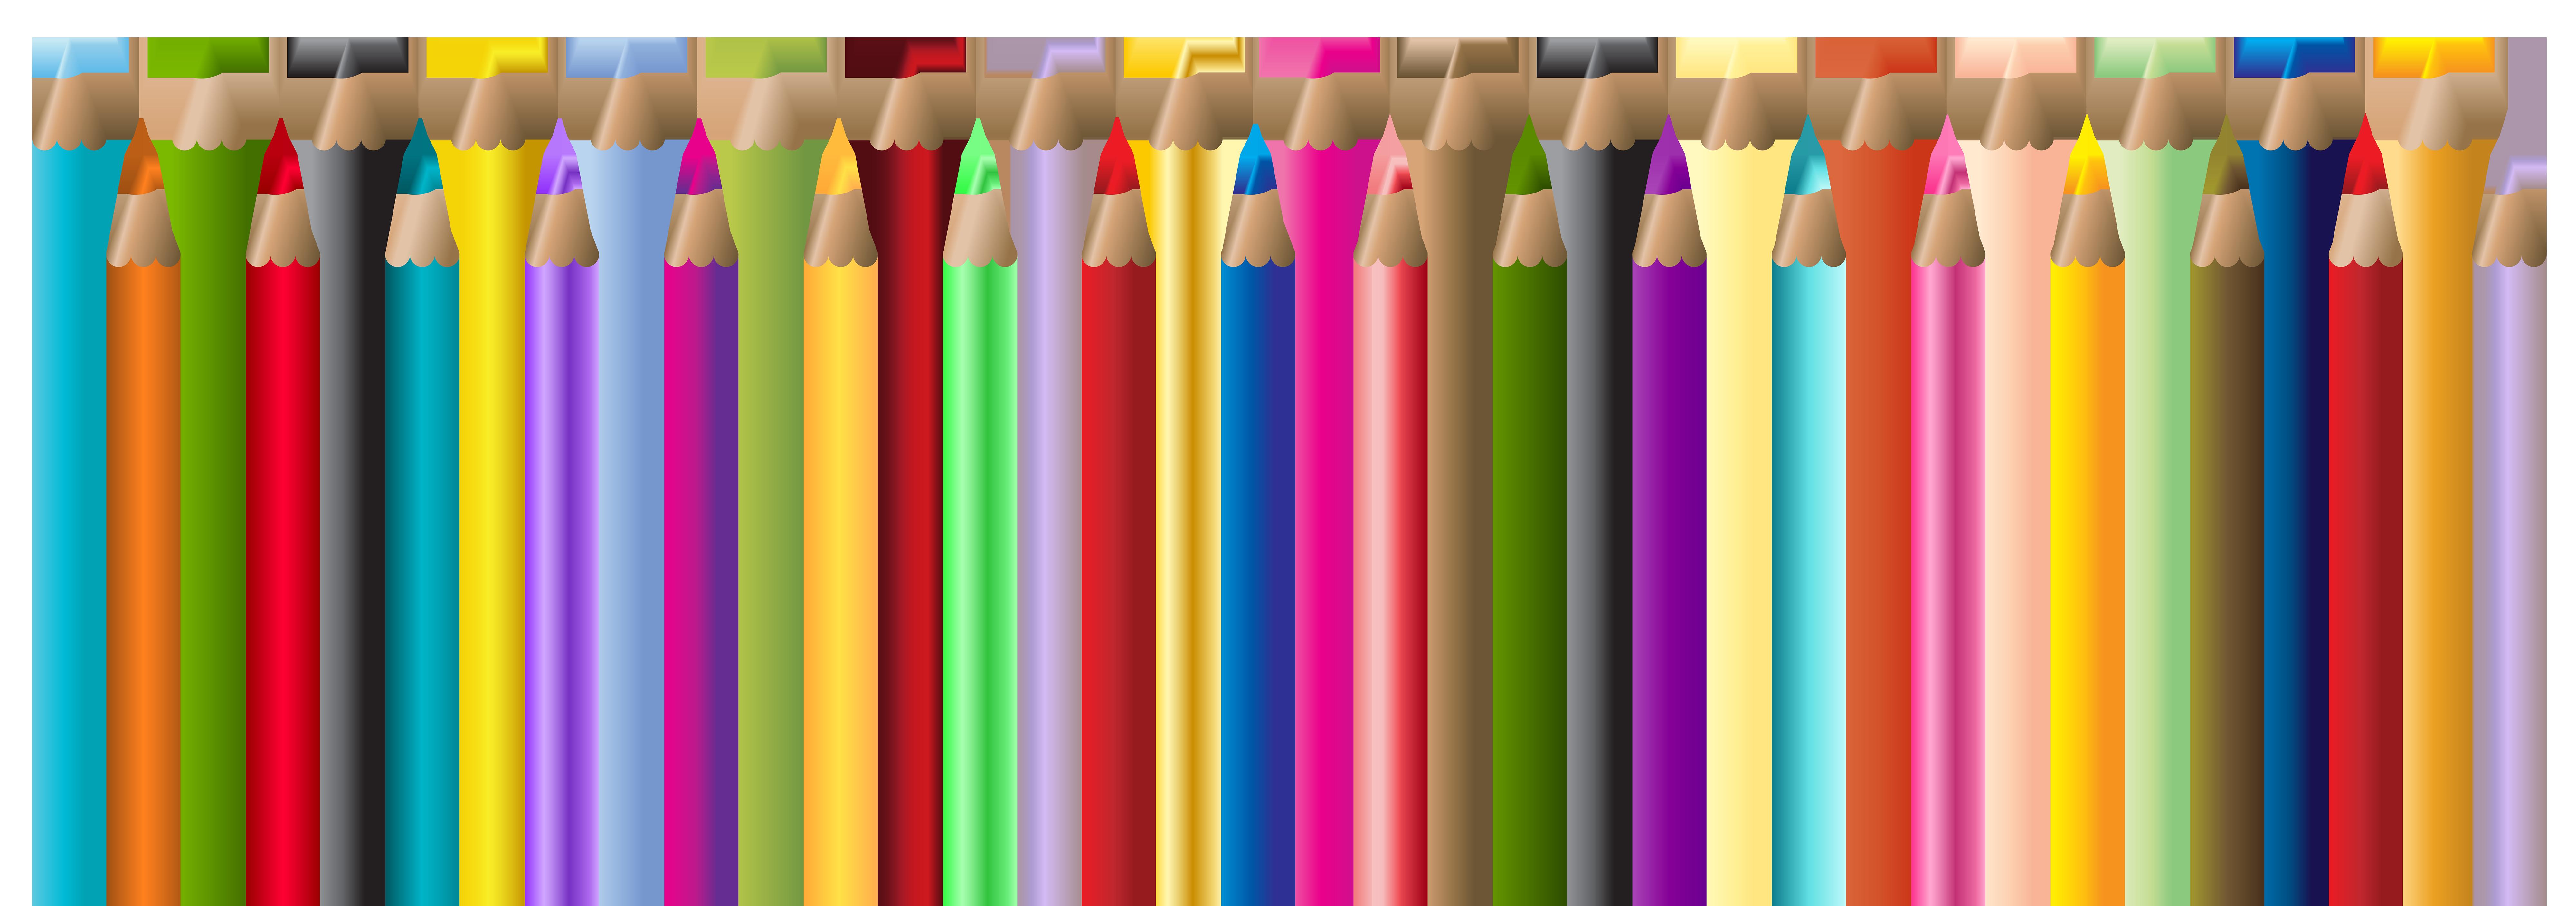 Pencils decor png clip. Crayon clipart school